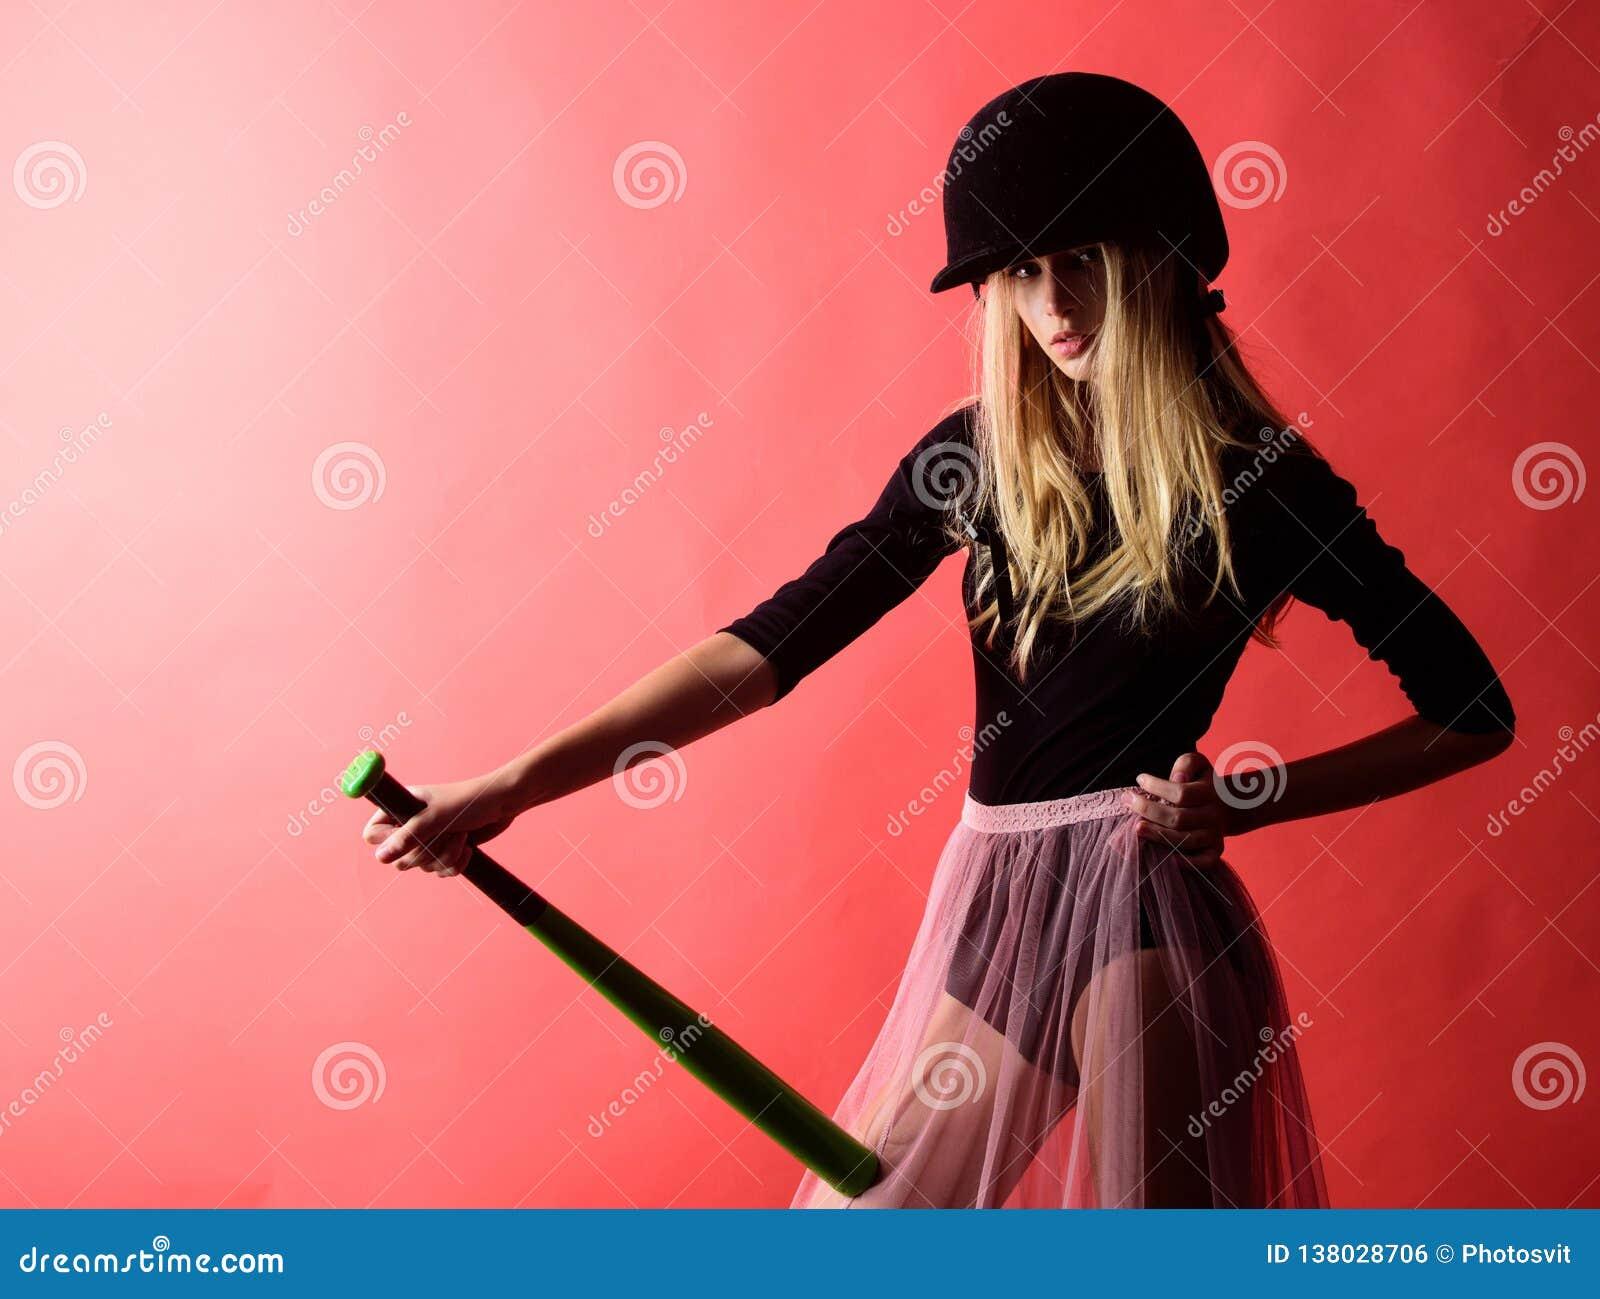 Delikatny ale trafnie Kopie daleko Skupiający się na rezultacie Kobieta cieszy się sztuka baseballa grę Dziewczyny blondynki odzi